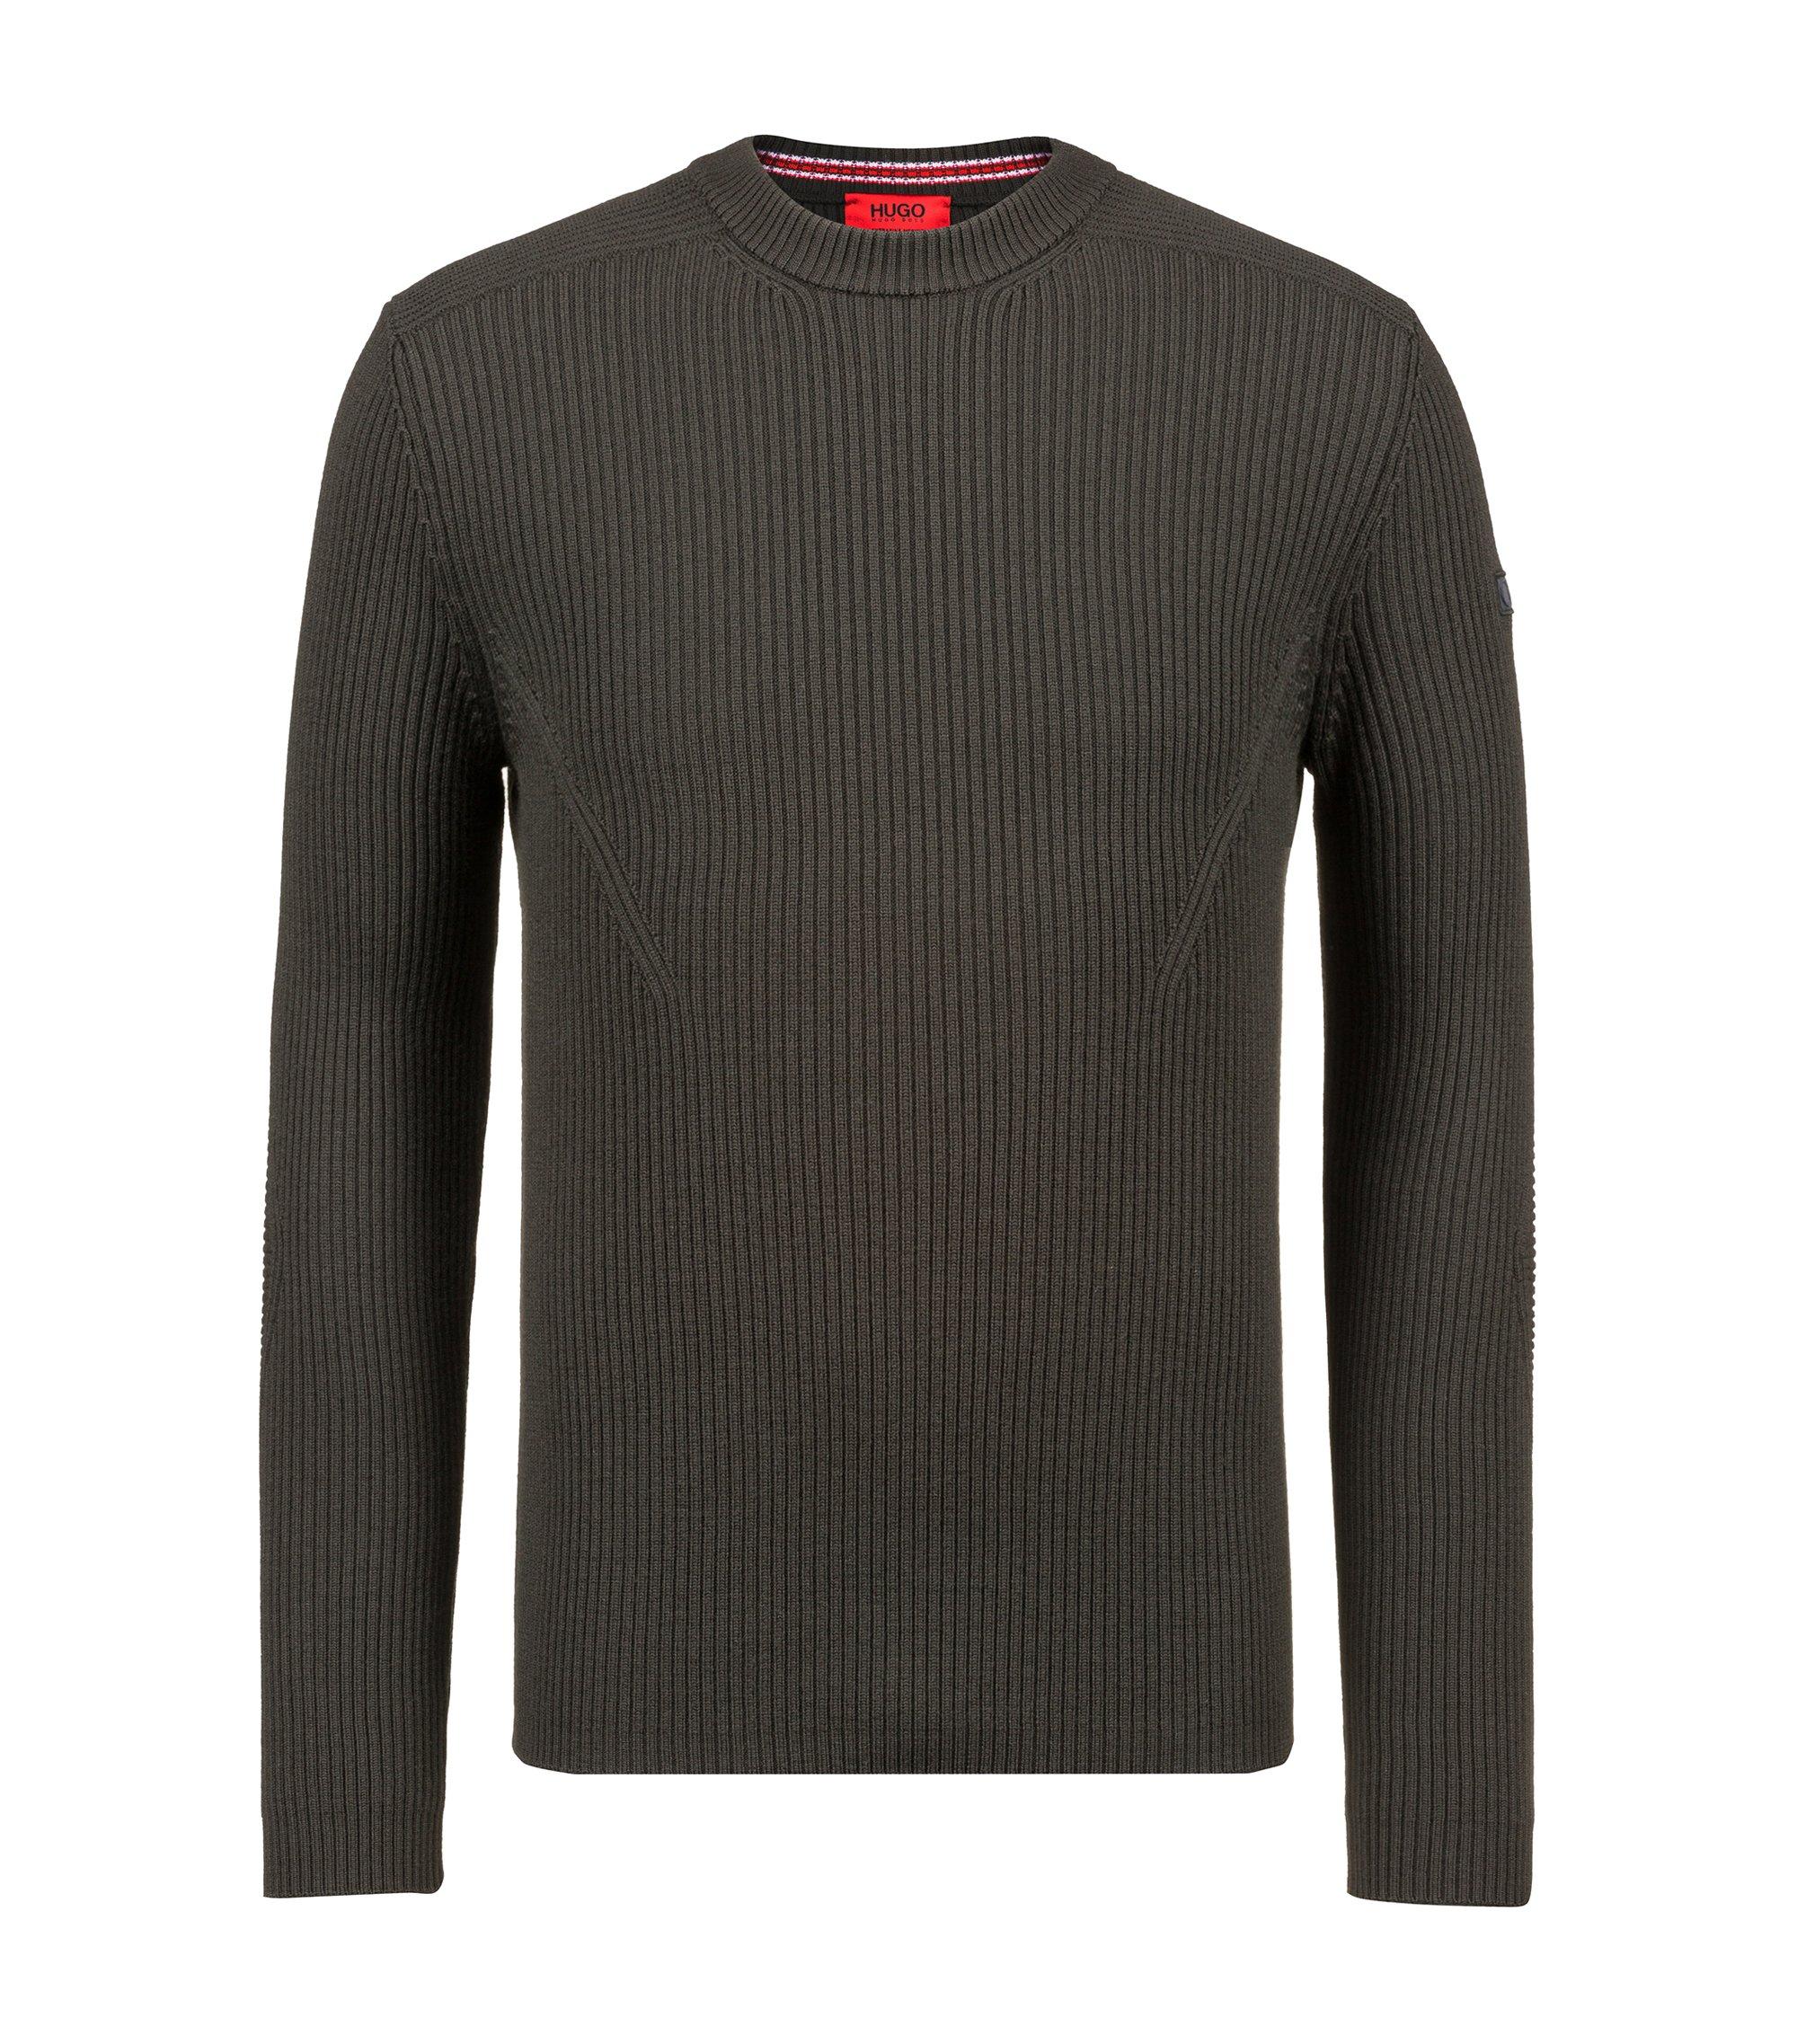 Pull Extra Slim Fit en laine vierge avec détails militaires, Vert sombre